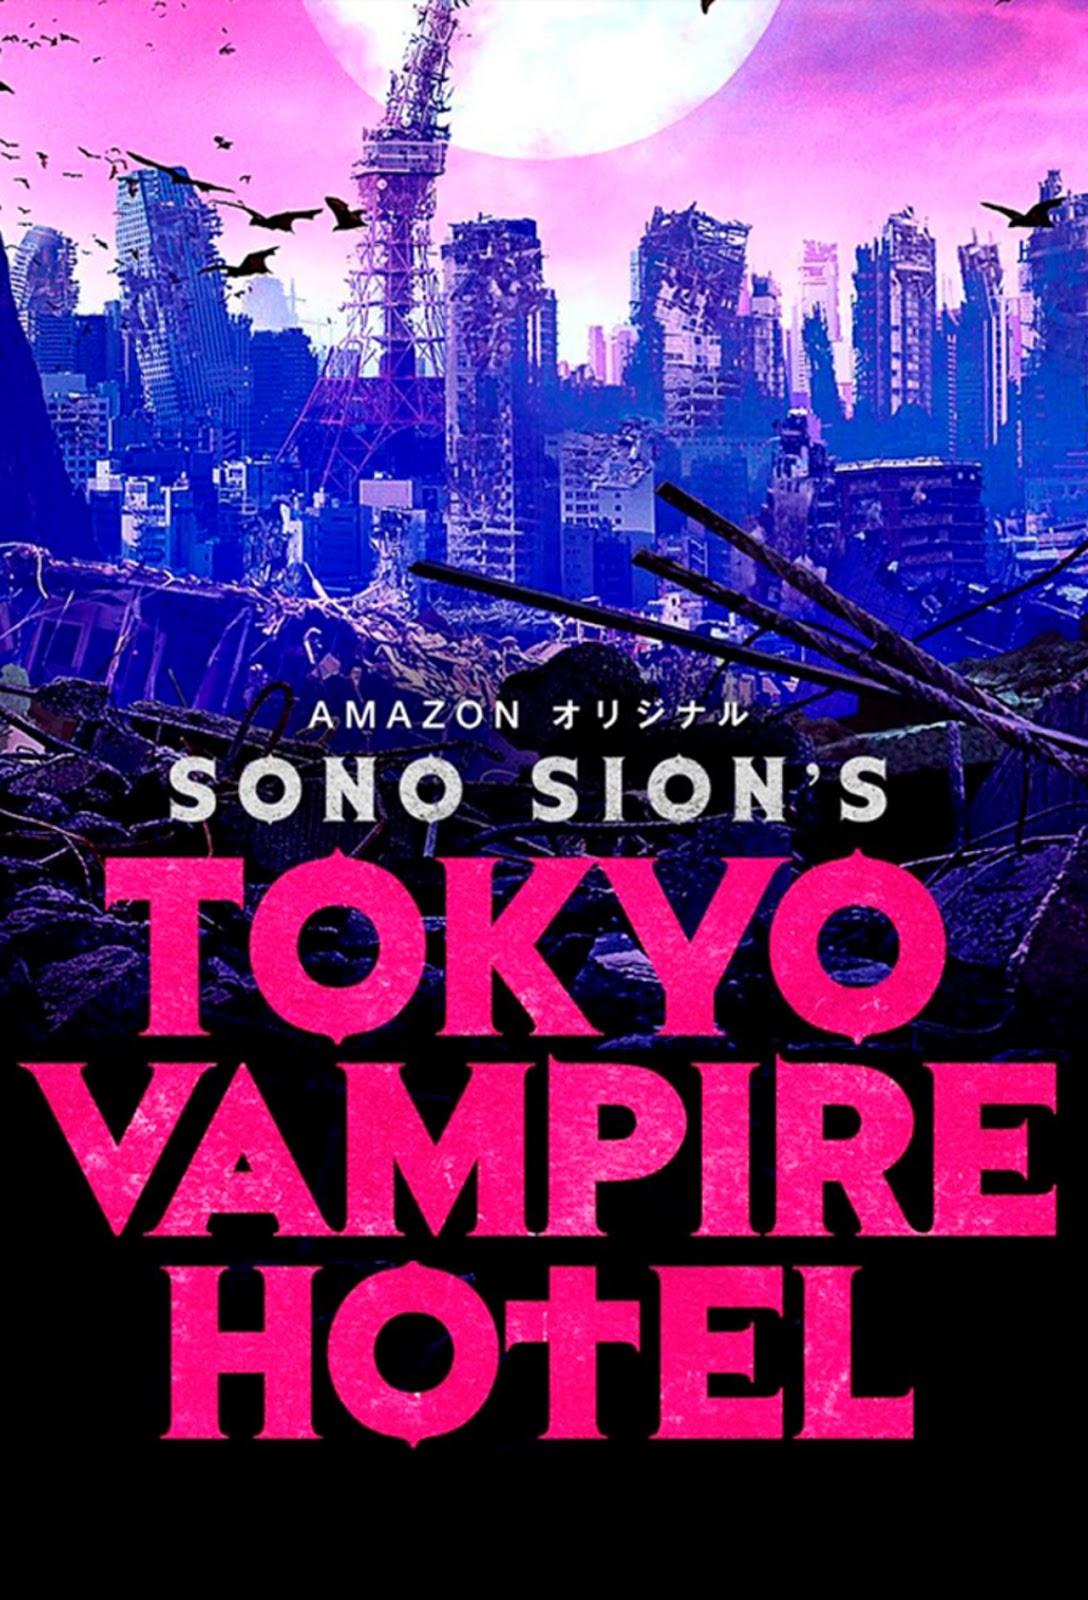 Tokyo-vampire-hotel-poster